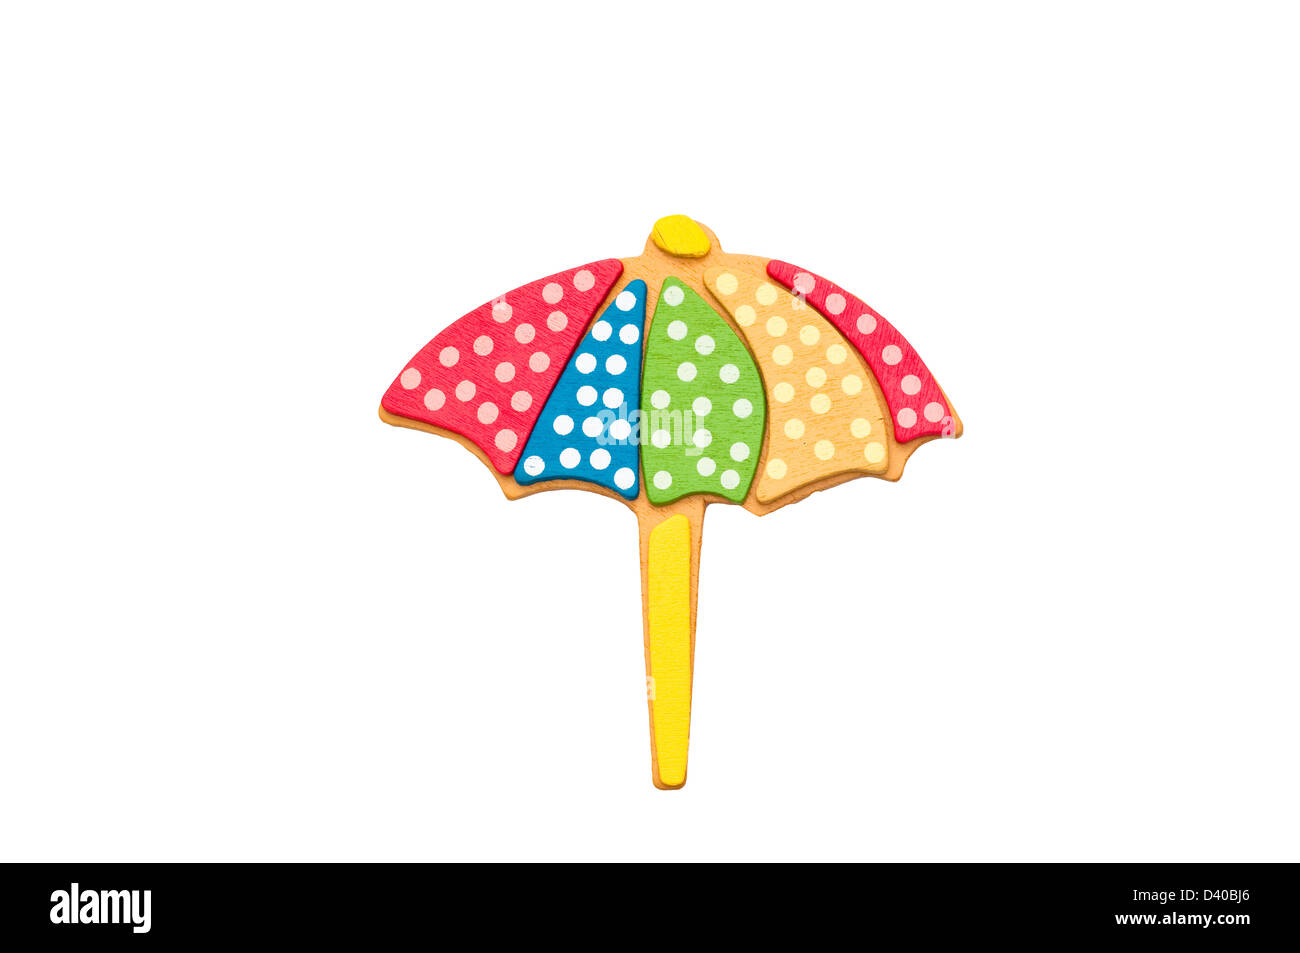 Sonnenschirm, isoliert auf weißem Hintergrund. Stockbild